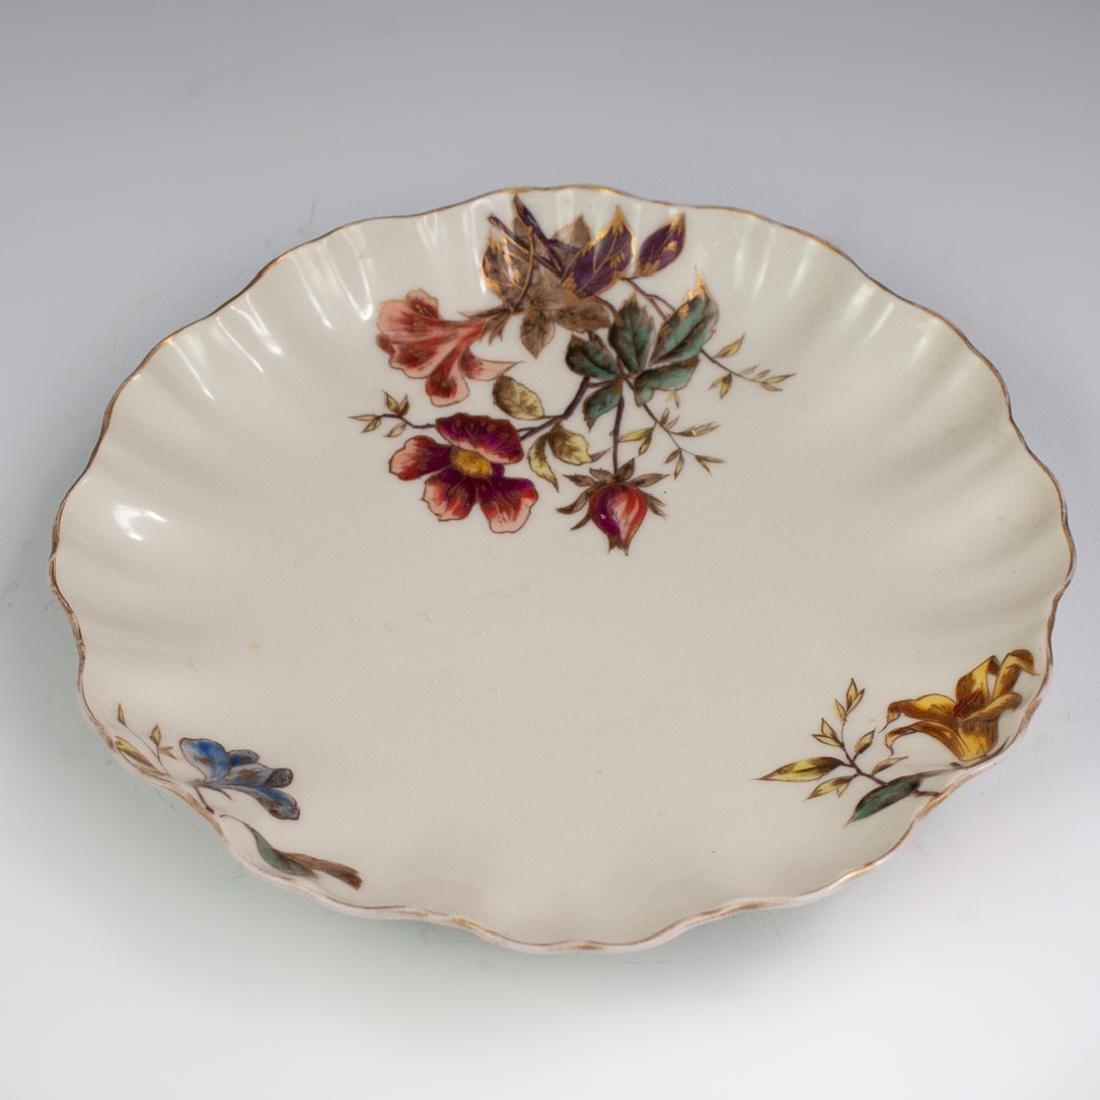 Limoges Porcelain Floral Serving Bowl - 4